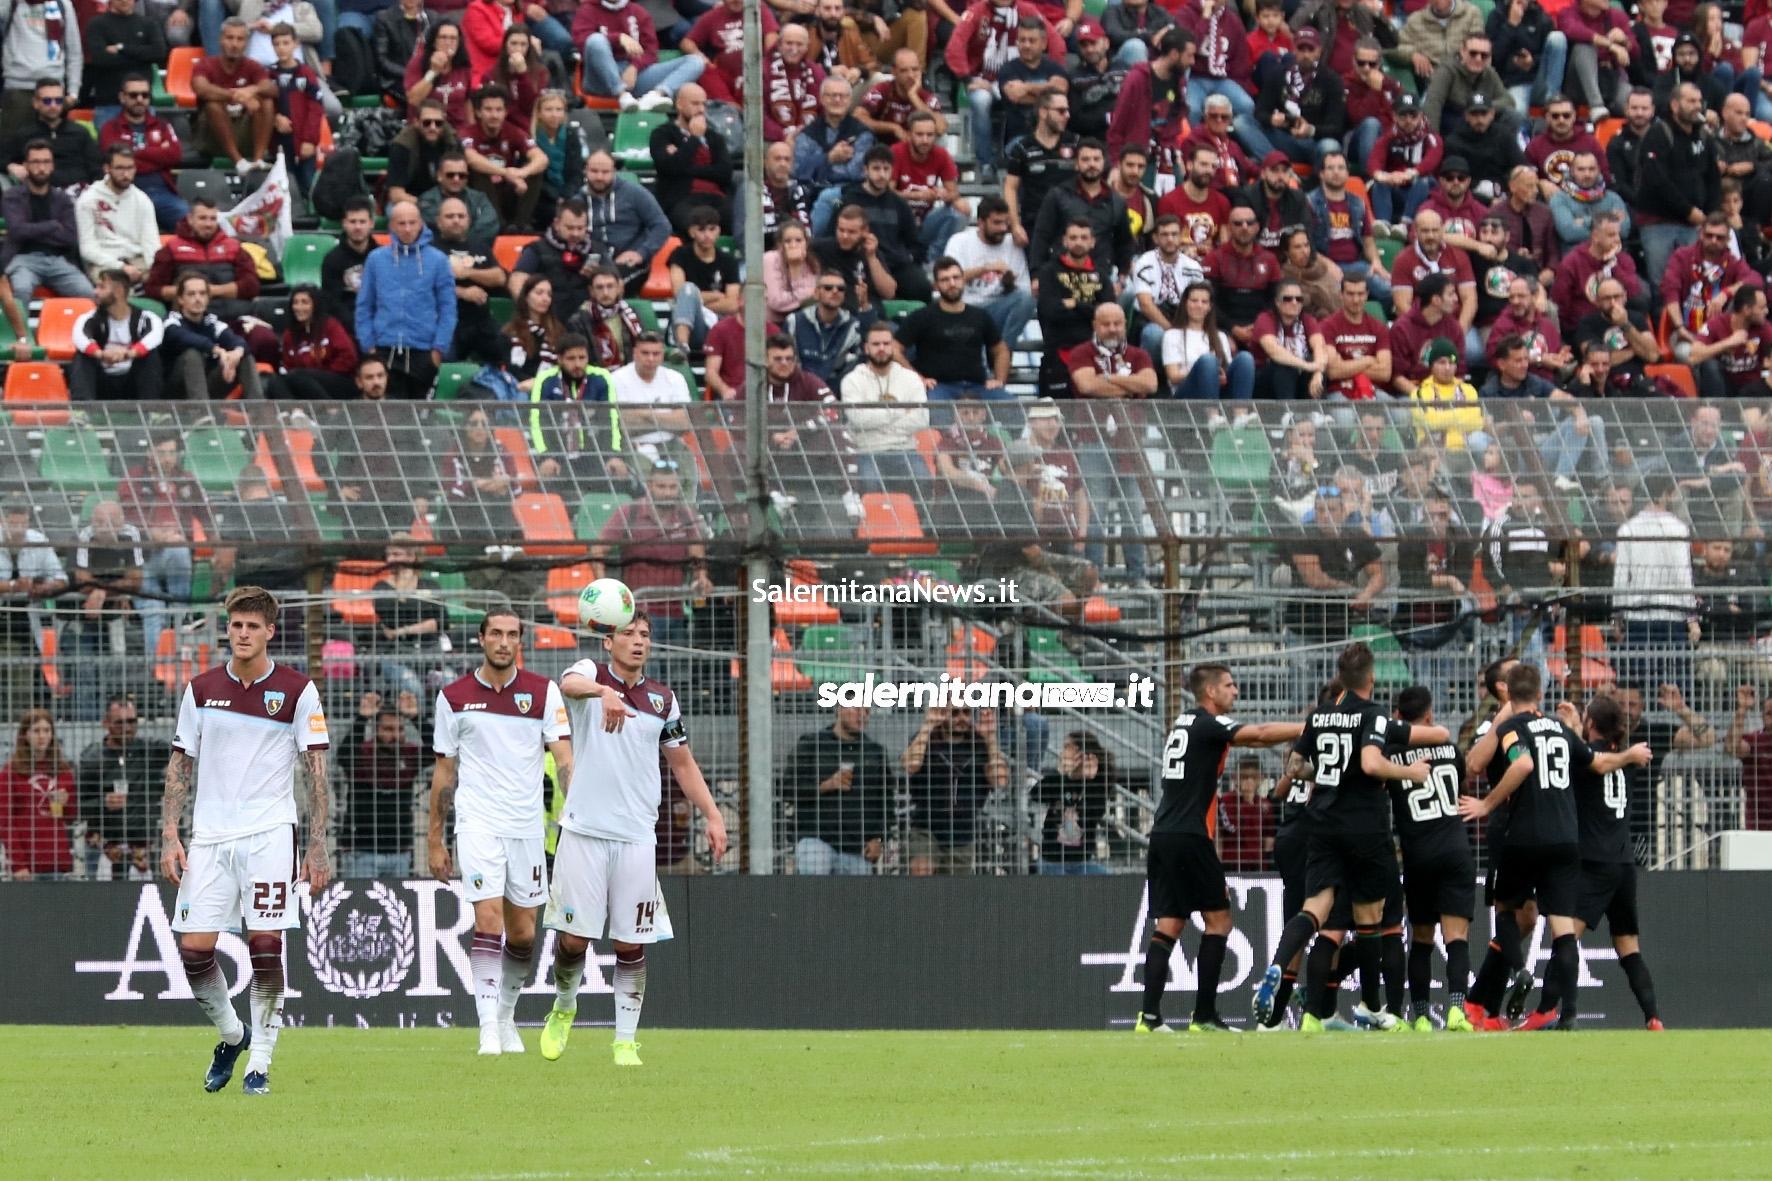 Venezia Salernitana I Precedenti Cavalluccio Senza Gol Al Penzo Da Sedici Anni Salernitana News Il Magazine Sportivo Sulla Salernitana